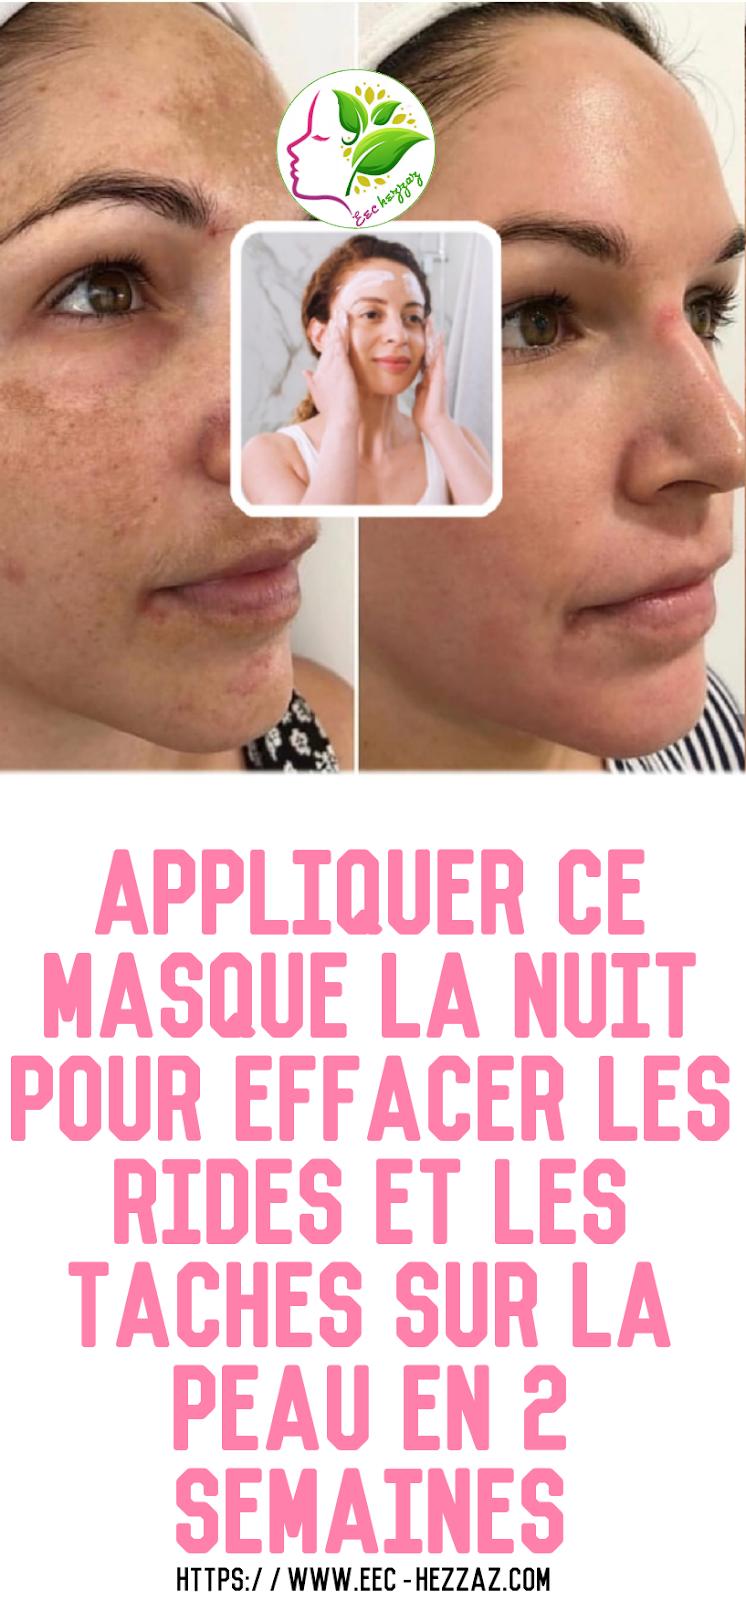 Appliquer Ce Masque La Nuit Pour Effacer Les Rides Et Les Taches Sur La Peau En 2 Semaines Beaute Du Visage Tache Peau Tache Brune Visage